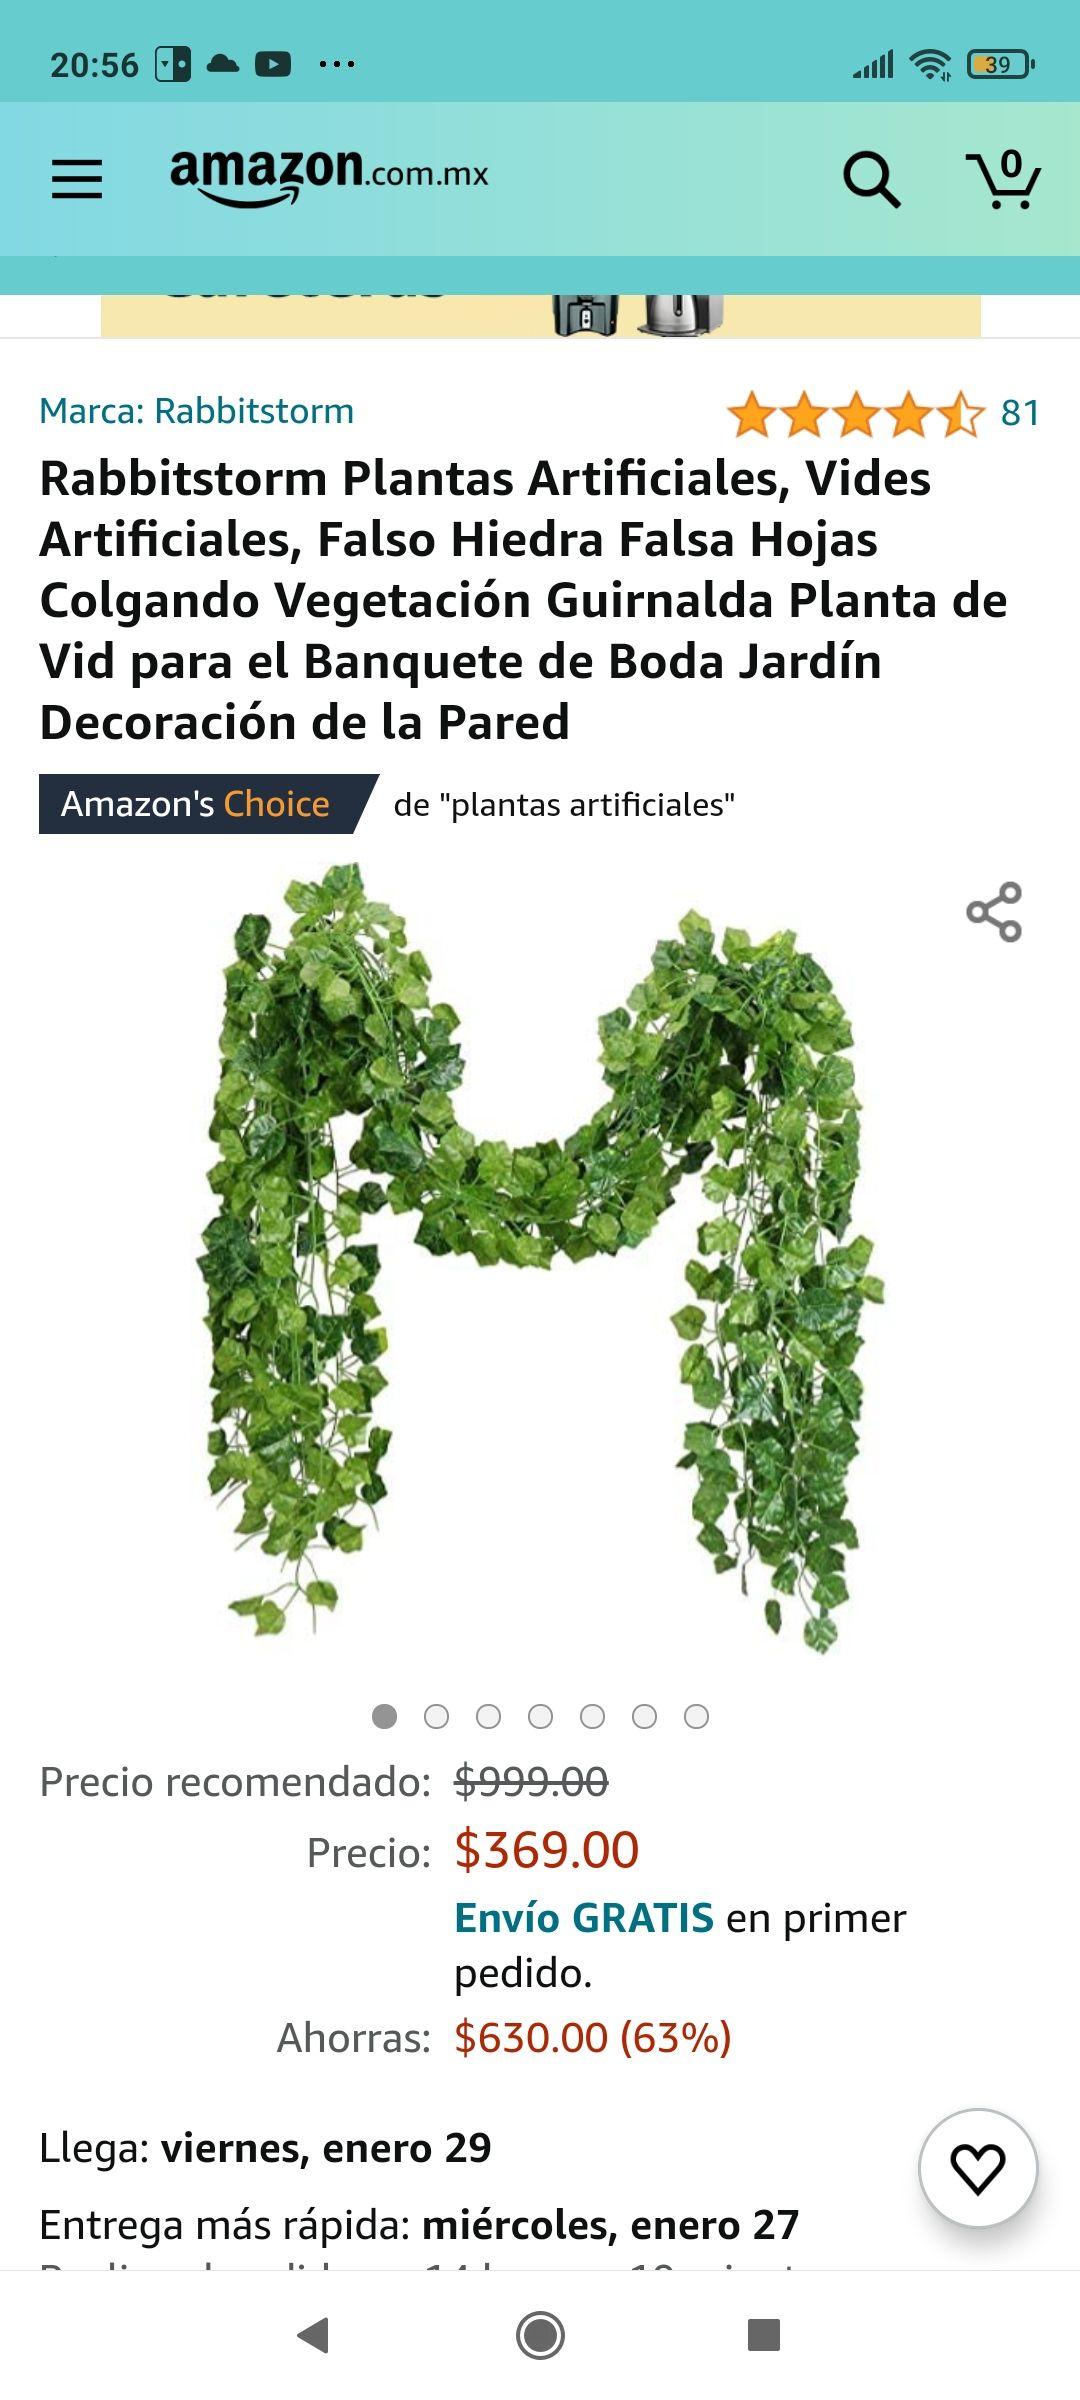 Amazon Rabbitstorm Plantas Artificiales, Vides Artificiales, Colgando Vegetación Guirnalda Planta de Vid para Jardín Decoración de la Pared